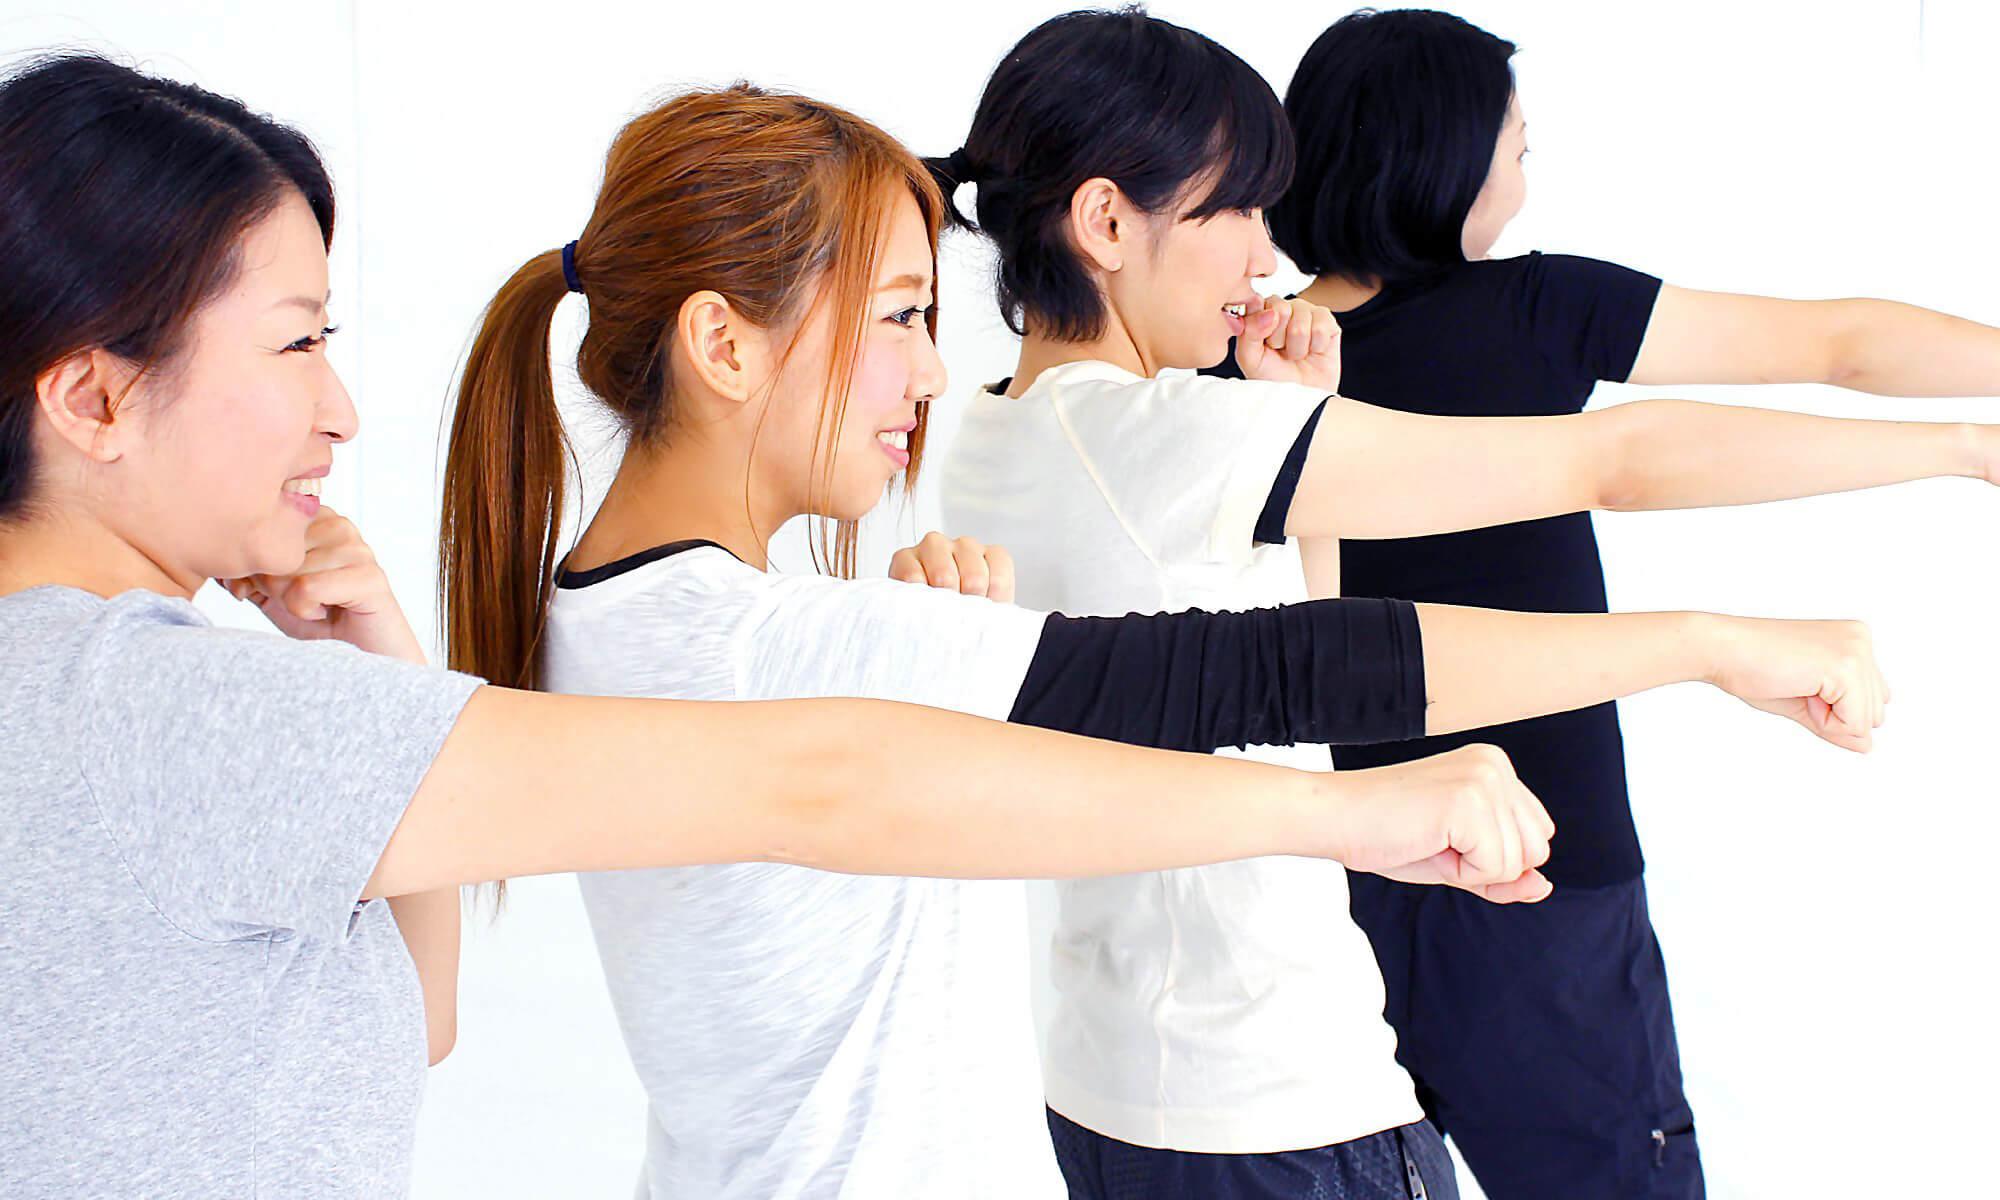 キックボクシング&柔術  Luminous【ルミナス】 | 相模原市橋本格闘技ジム